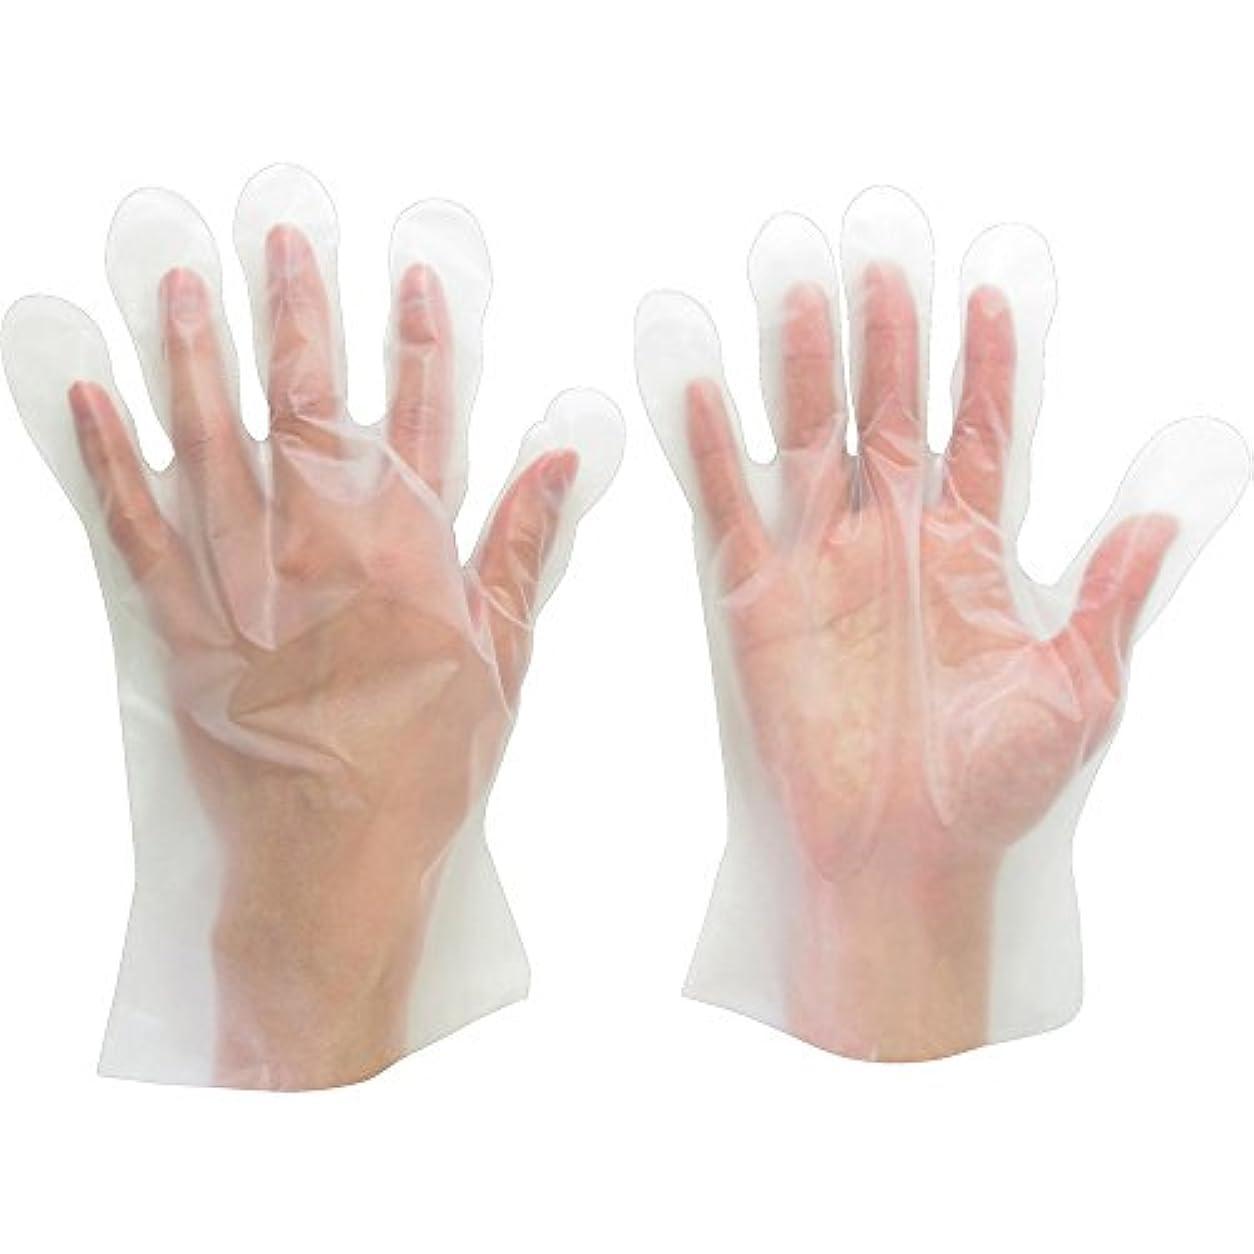 物足りないソーダ水ガイドラインミドリ安全 ポリエチレンディスポ手袋 ベルテ573 100枚 袋入 S VERTE-573-S ポリエチレン使い捨て手袋